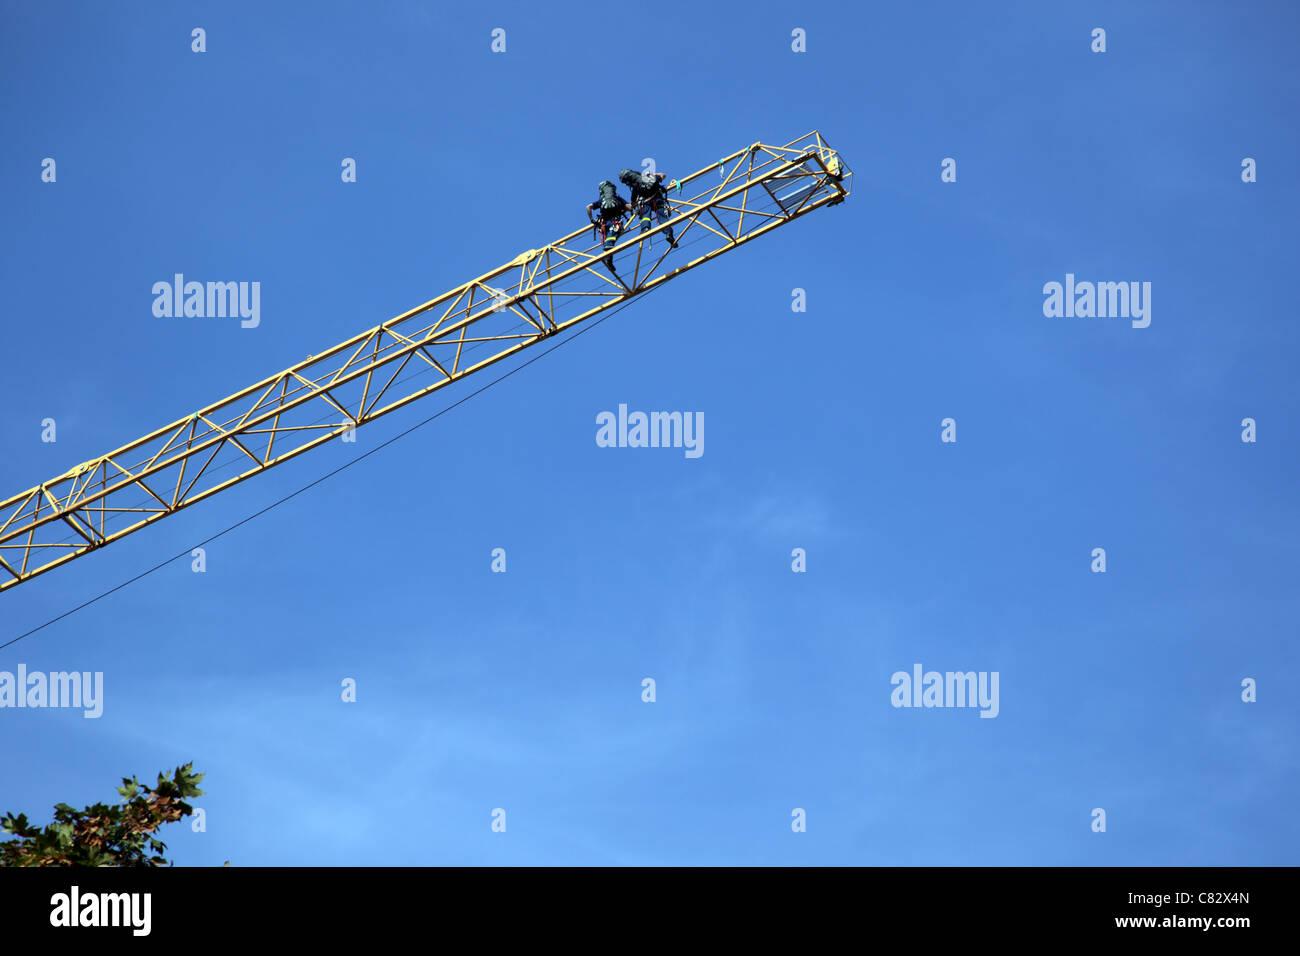 Dans les airs deux pompiers de la montée d'une échelle d'incendie Banque D'Images